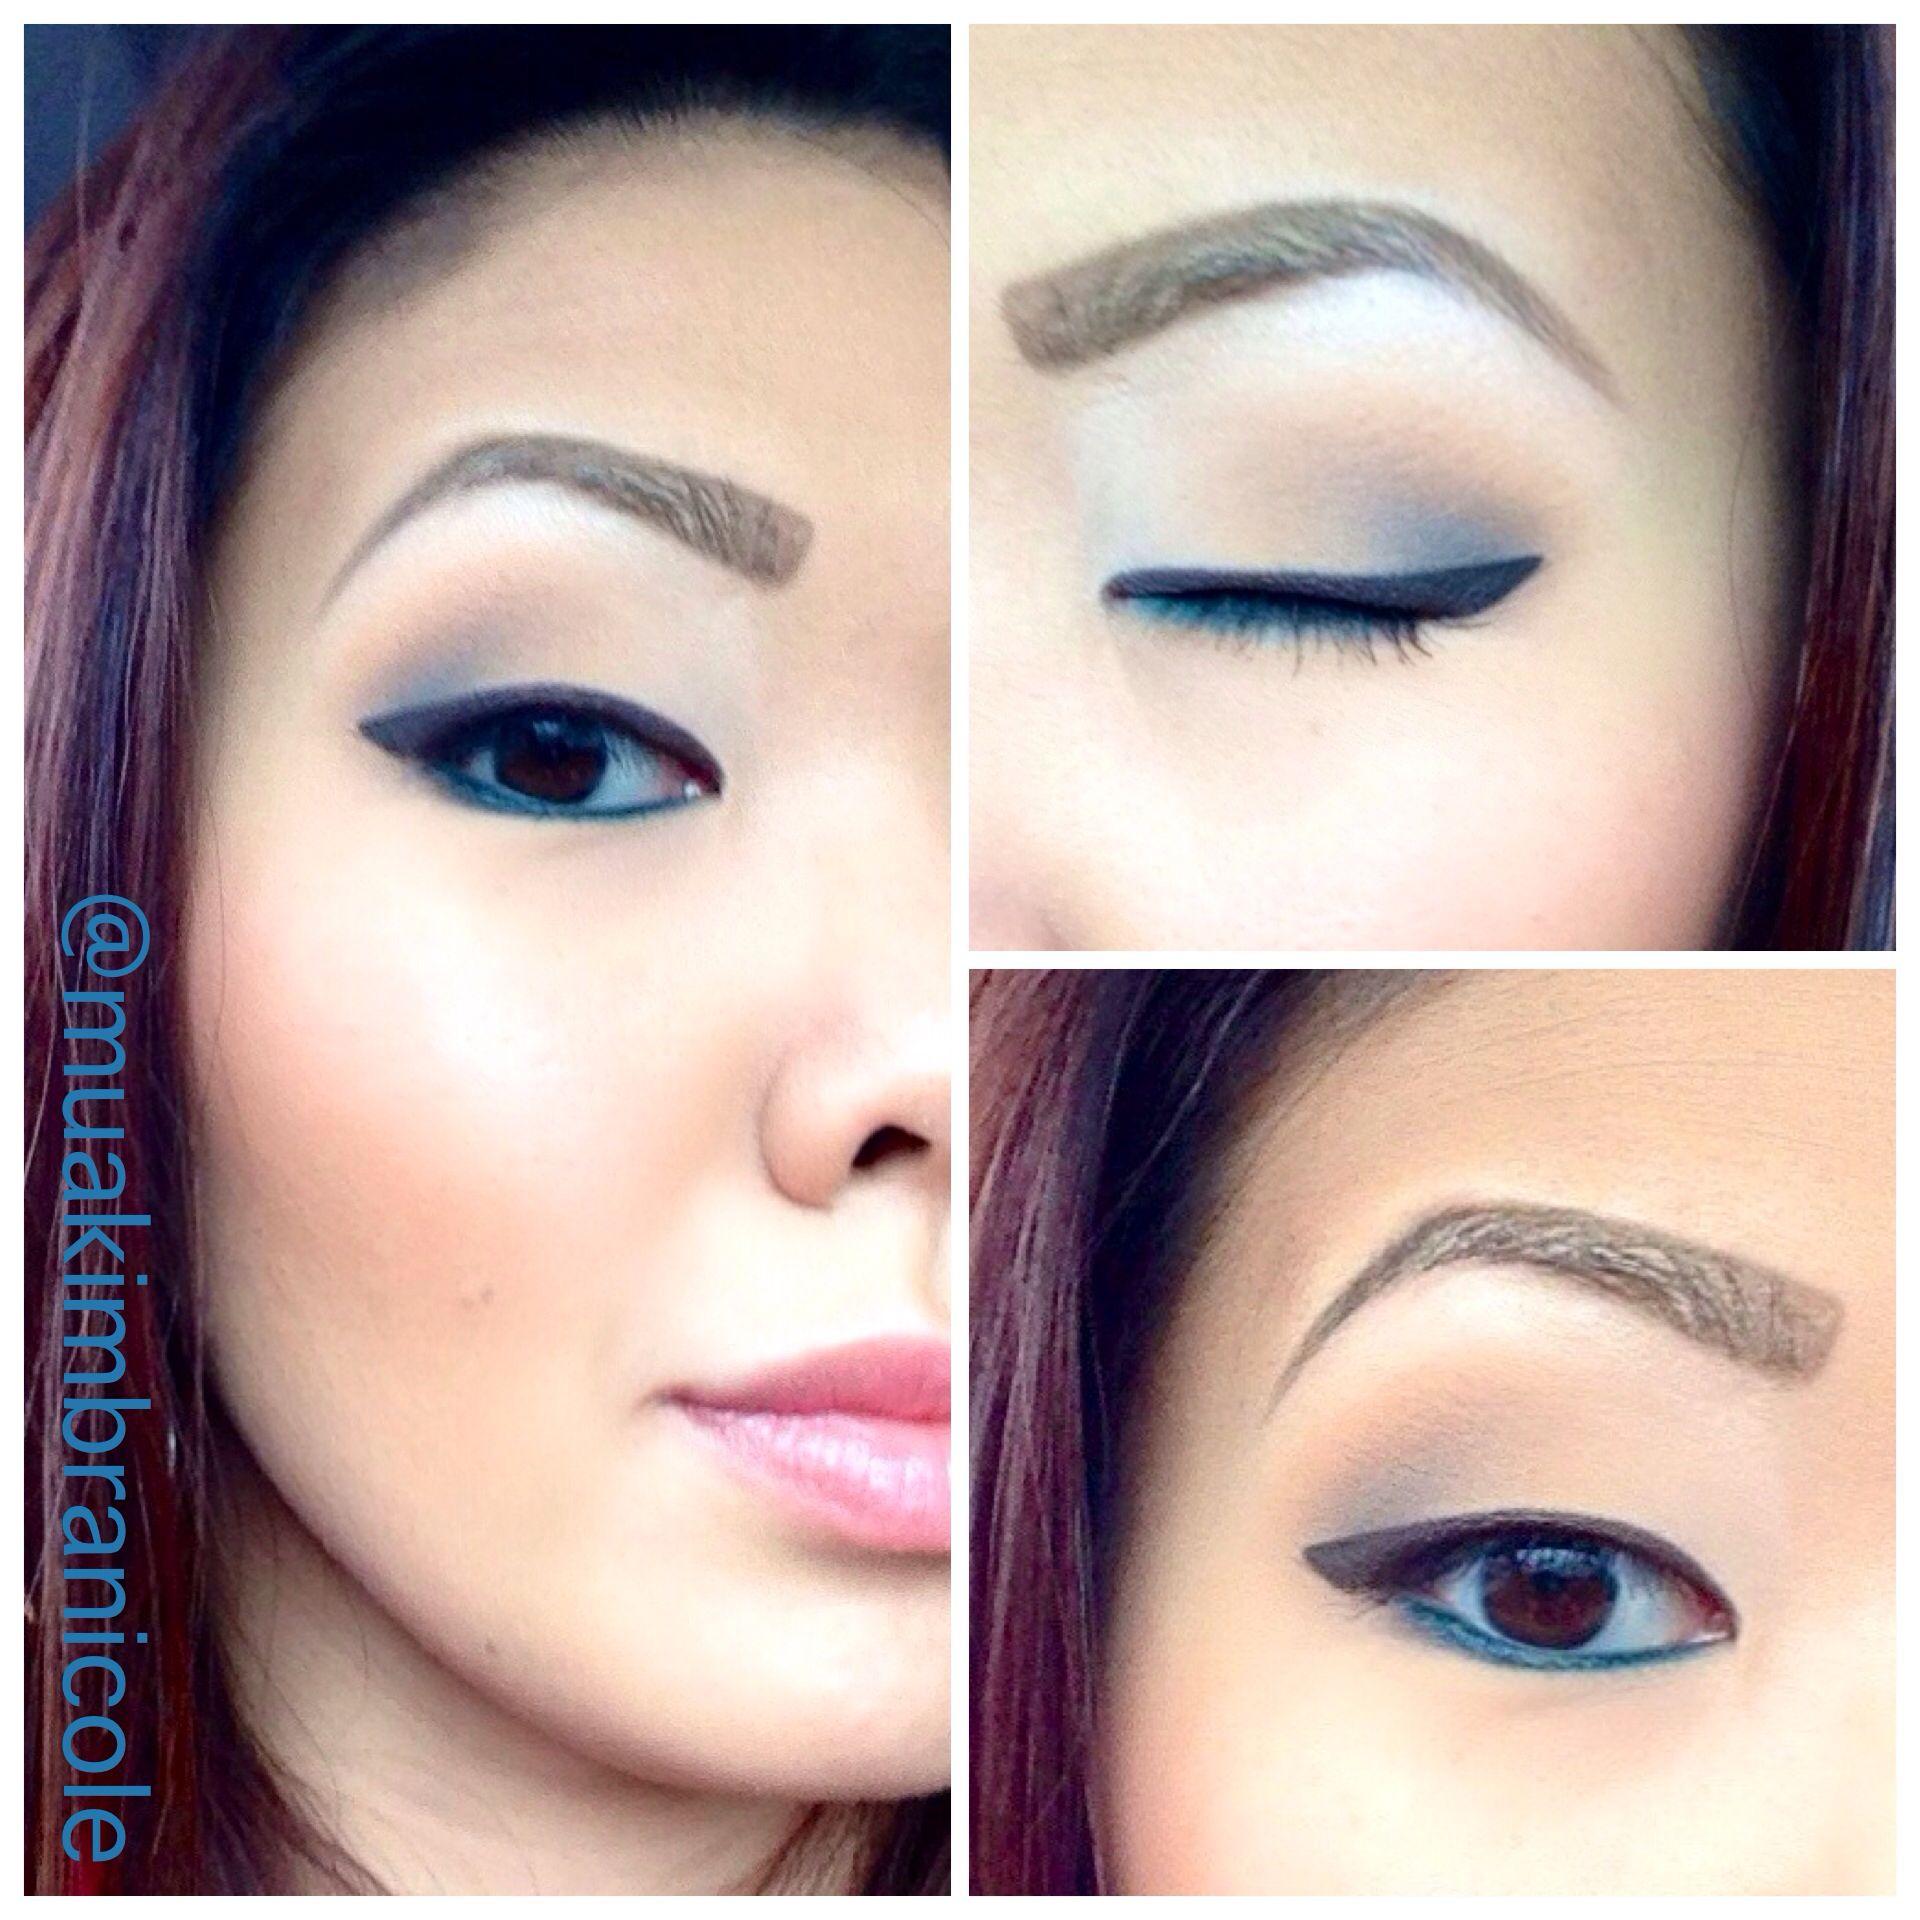 BeautyMac Plumage Eyeshadow